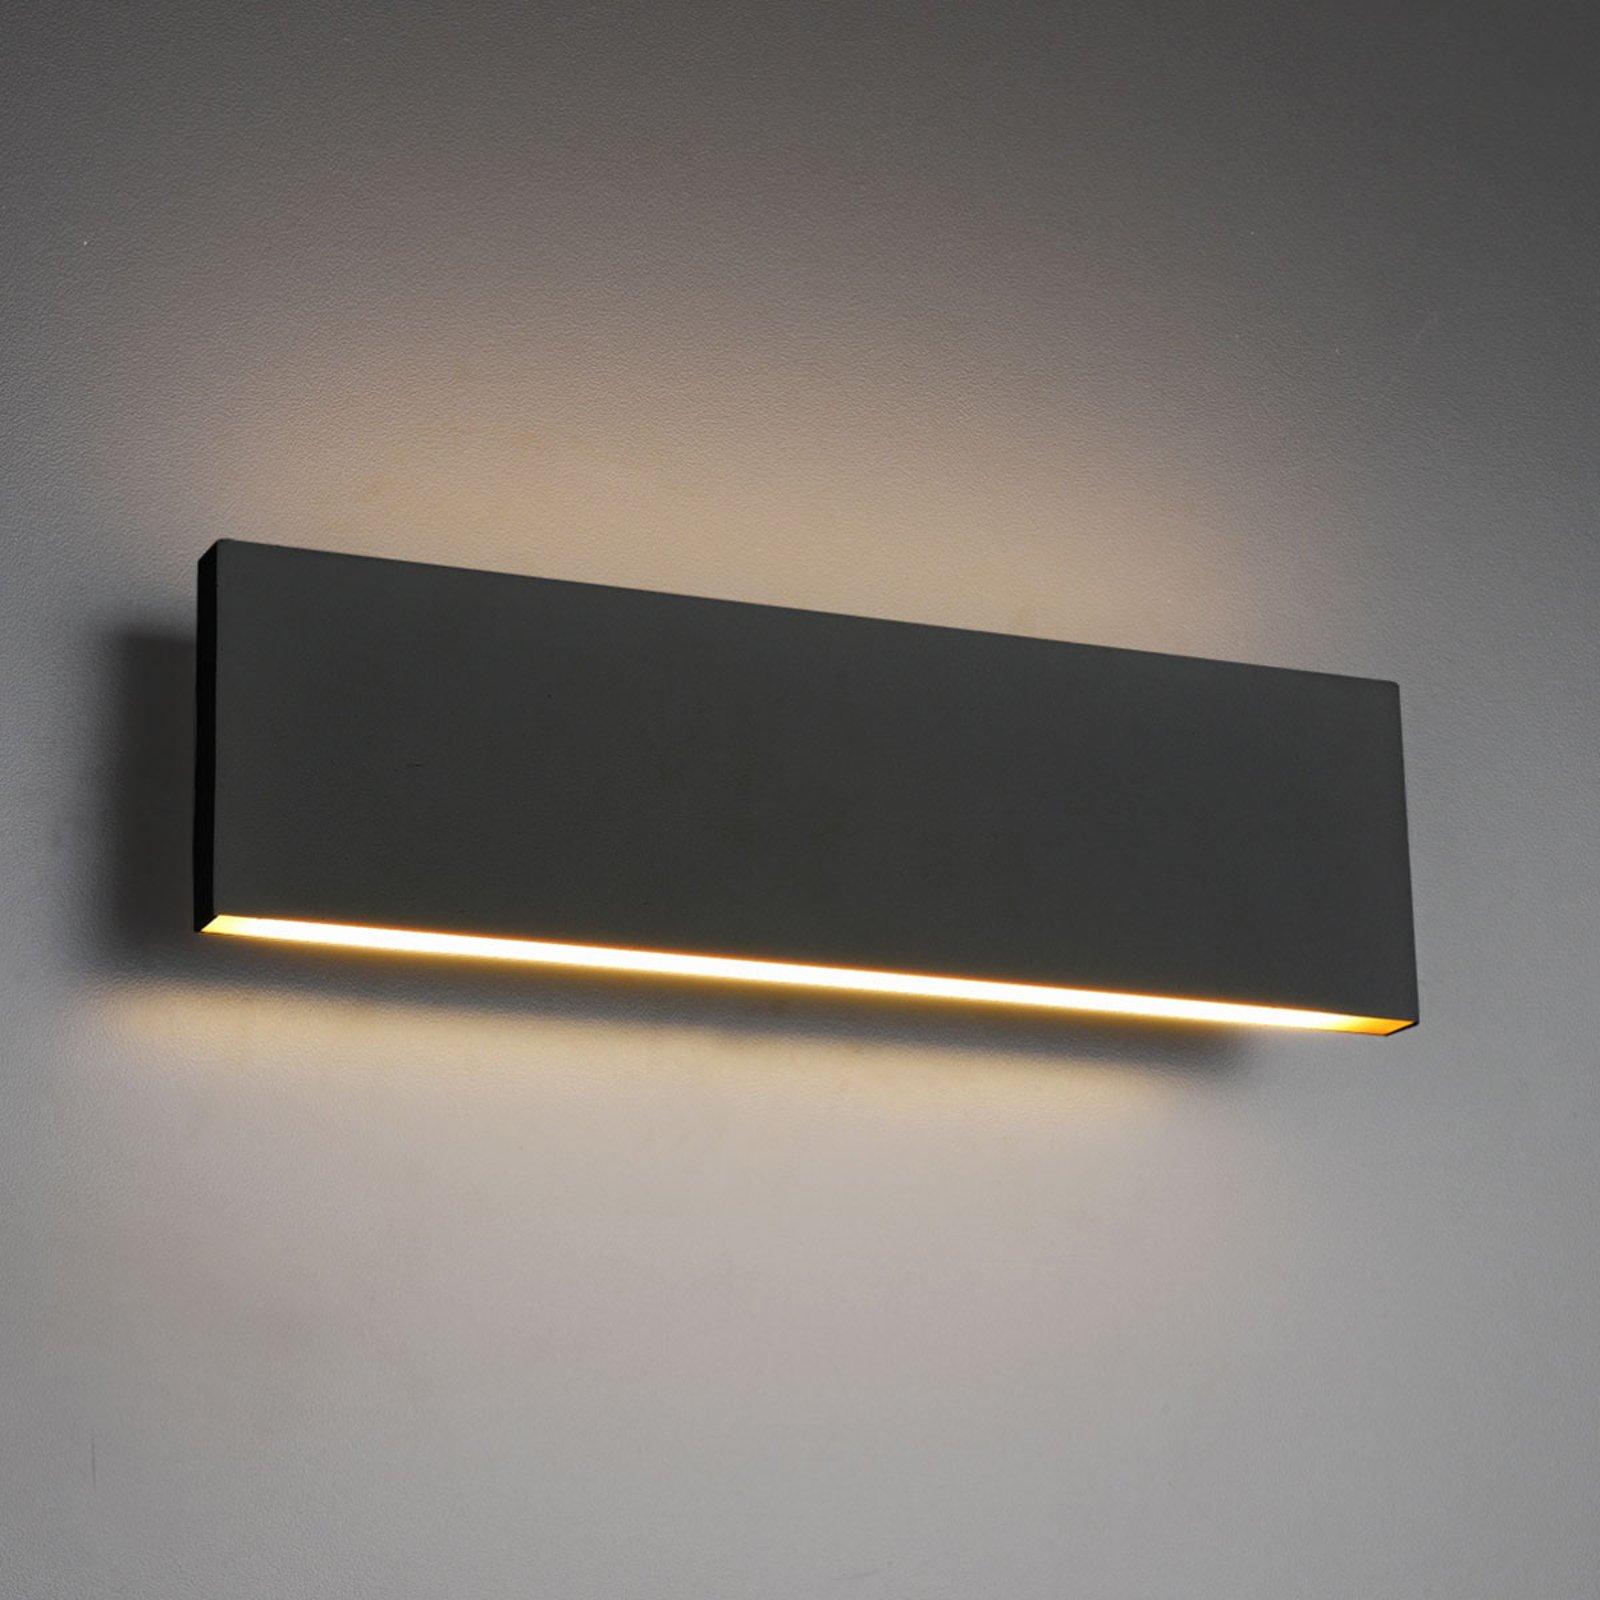 LED-vegglampe Concha 28 cm, antrasitt